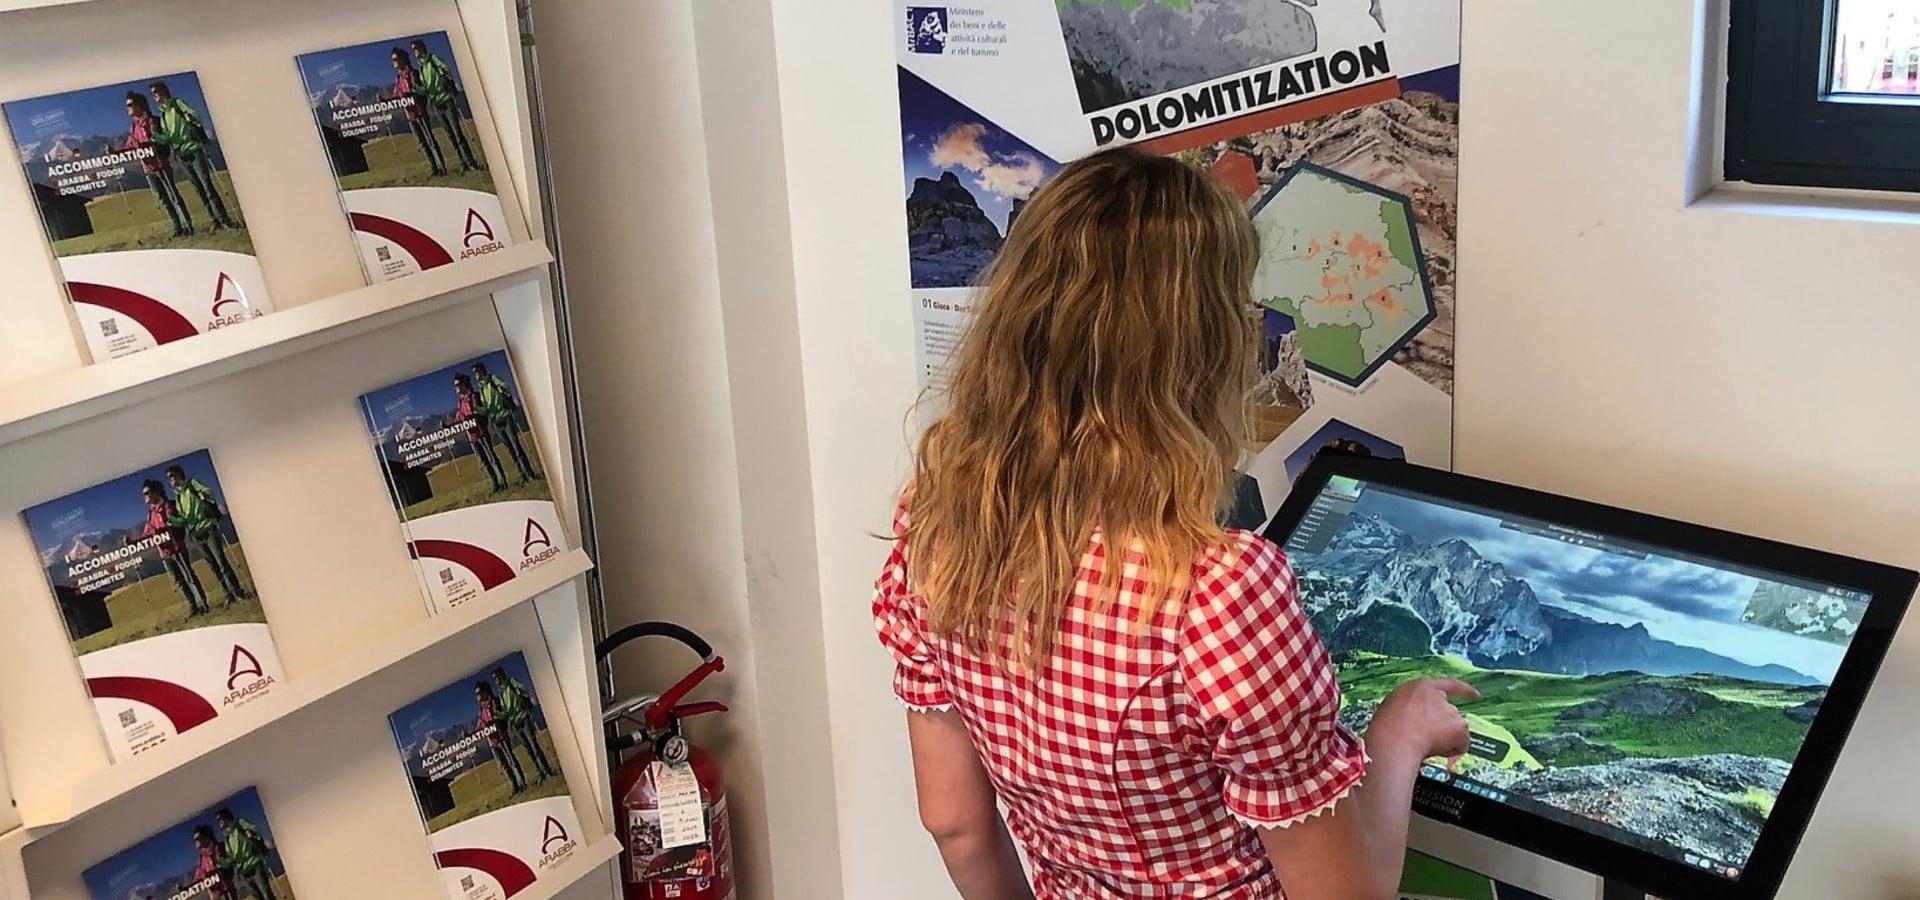 """#FlashNews Entdecken Sie das neue interaktive Spiel """"Dolomitization"""" in Arabba"""